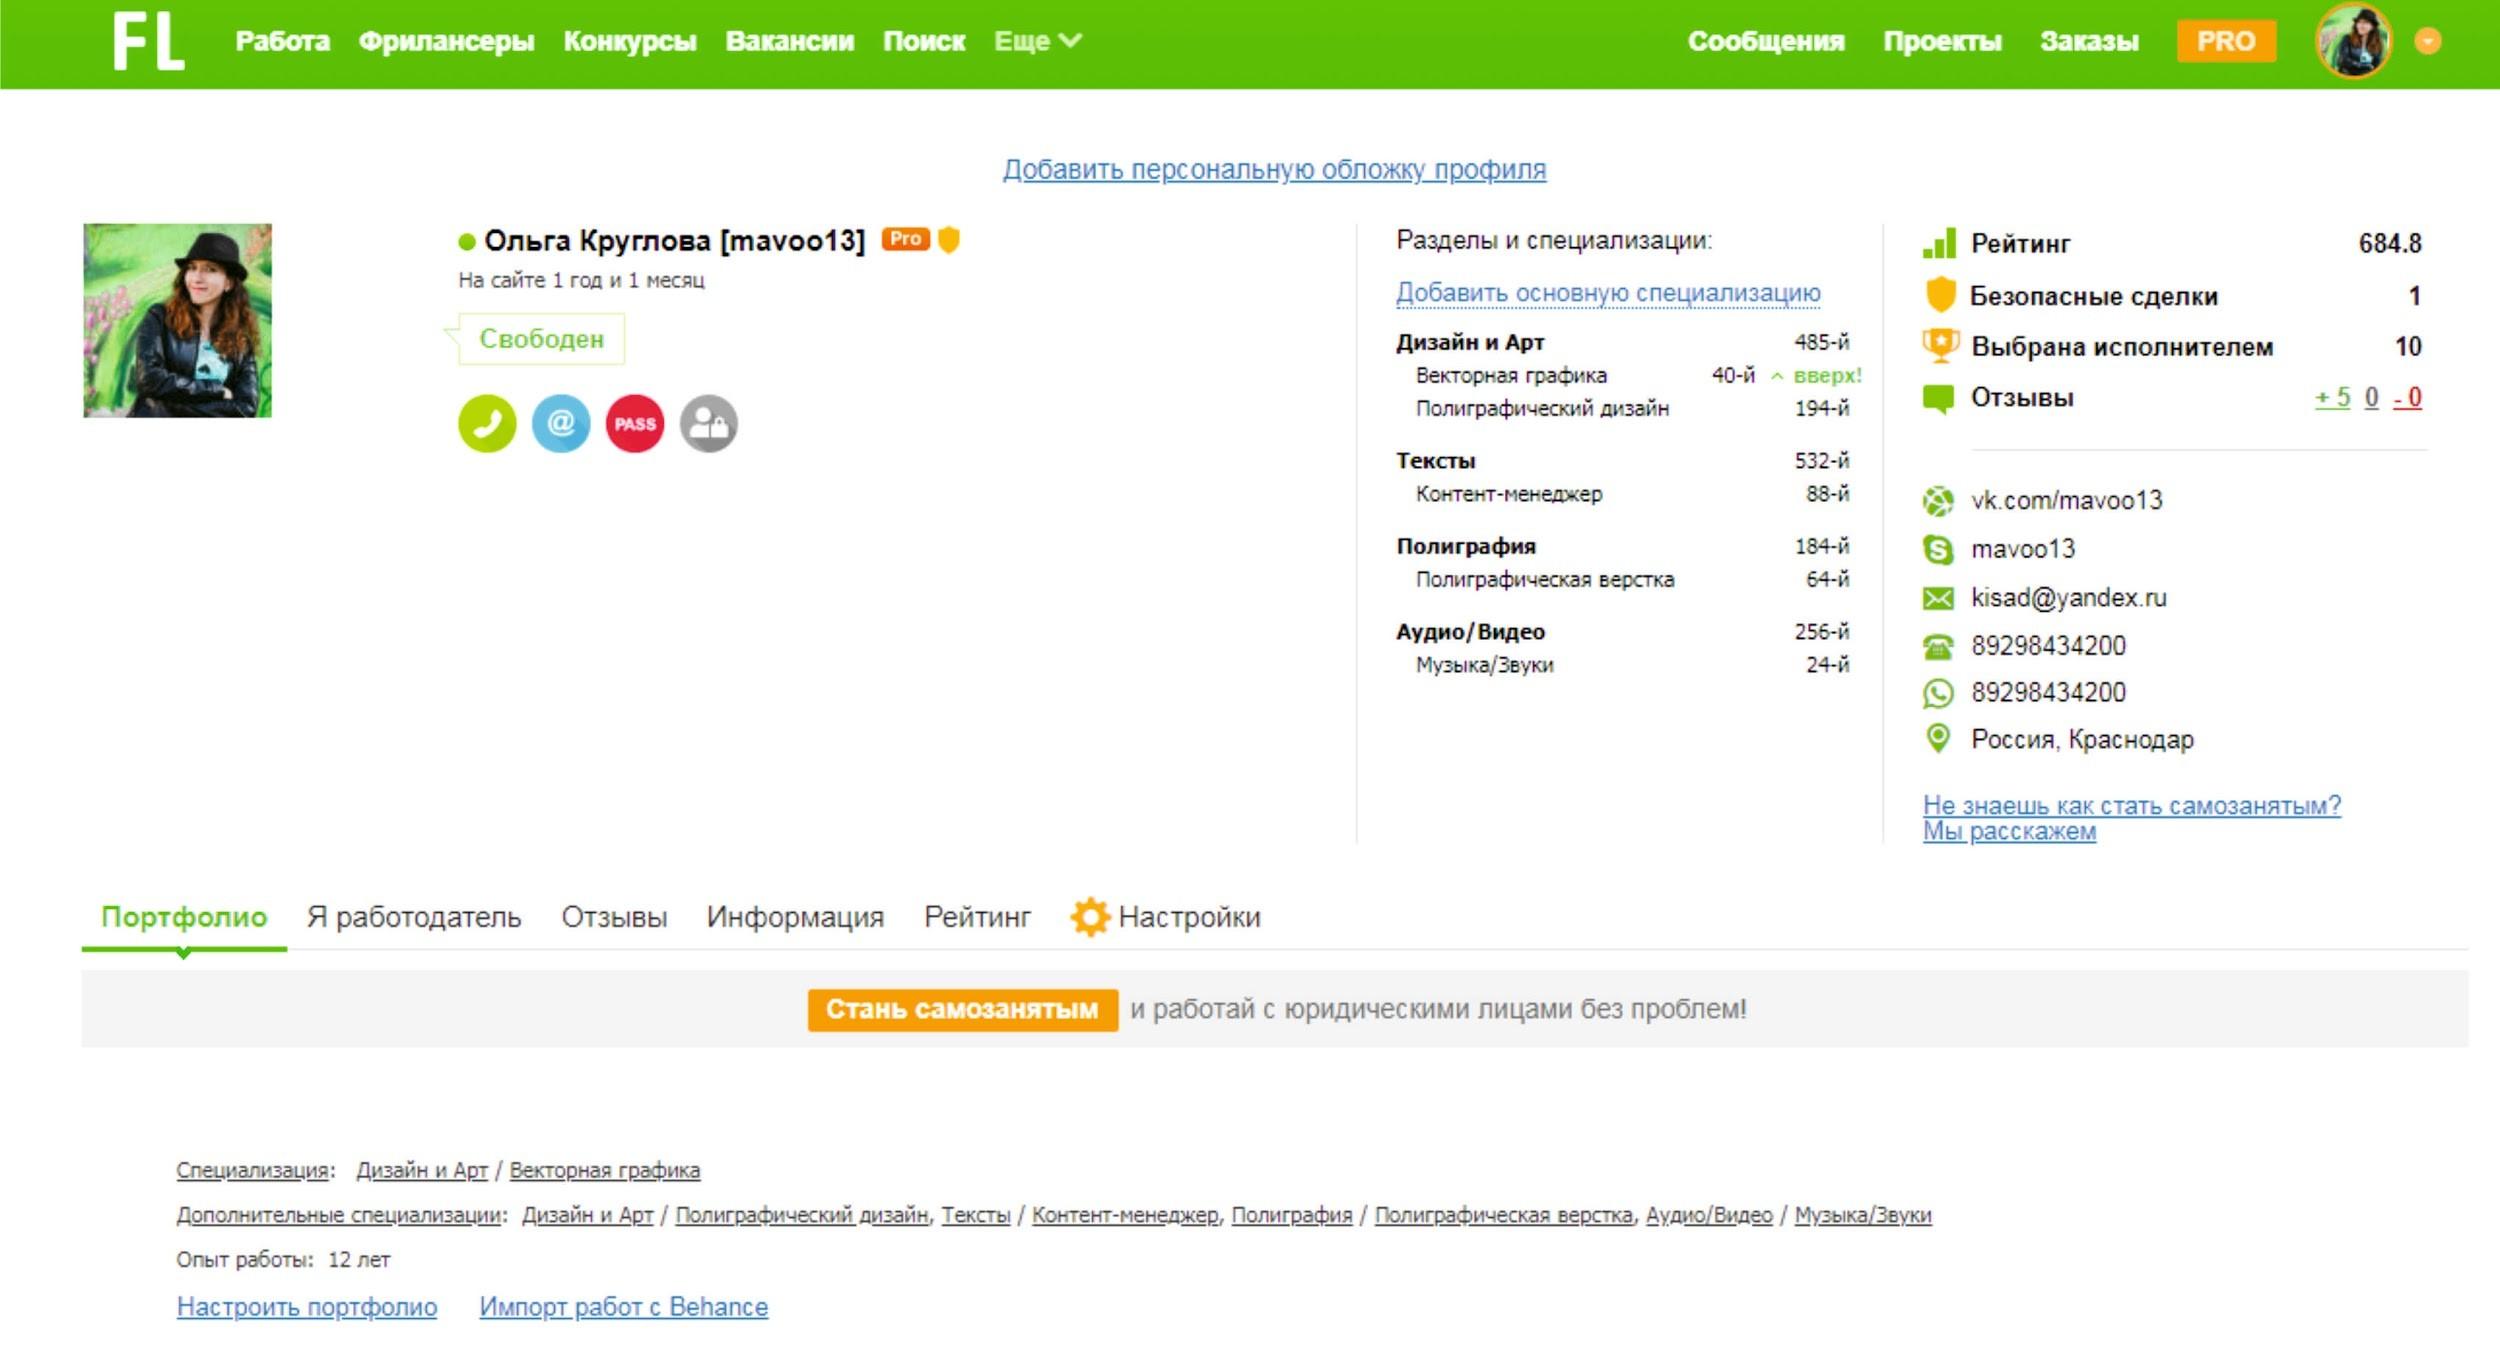 Аккаунт на fl.ru